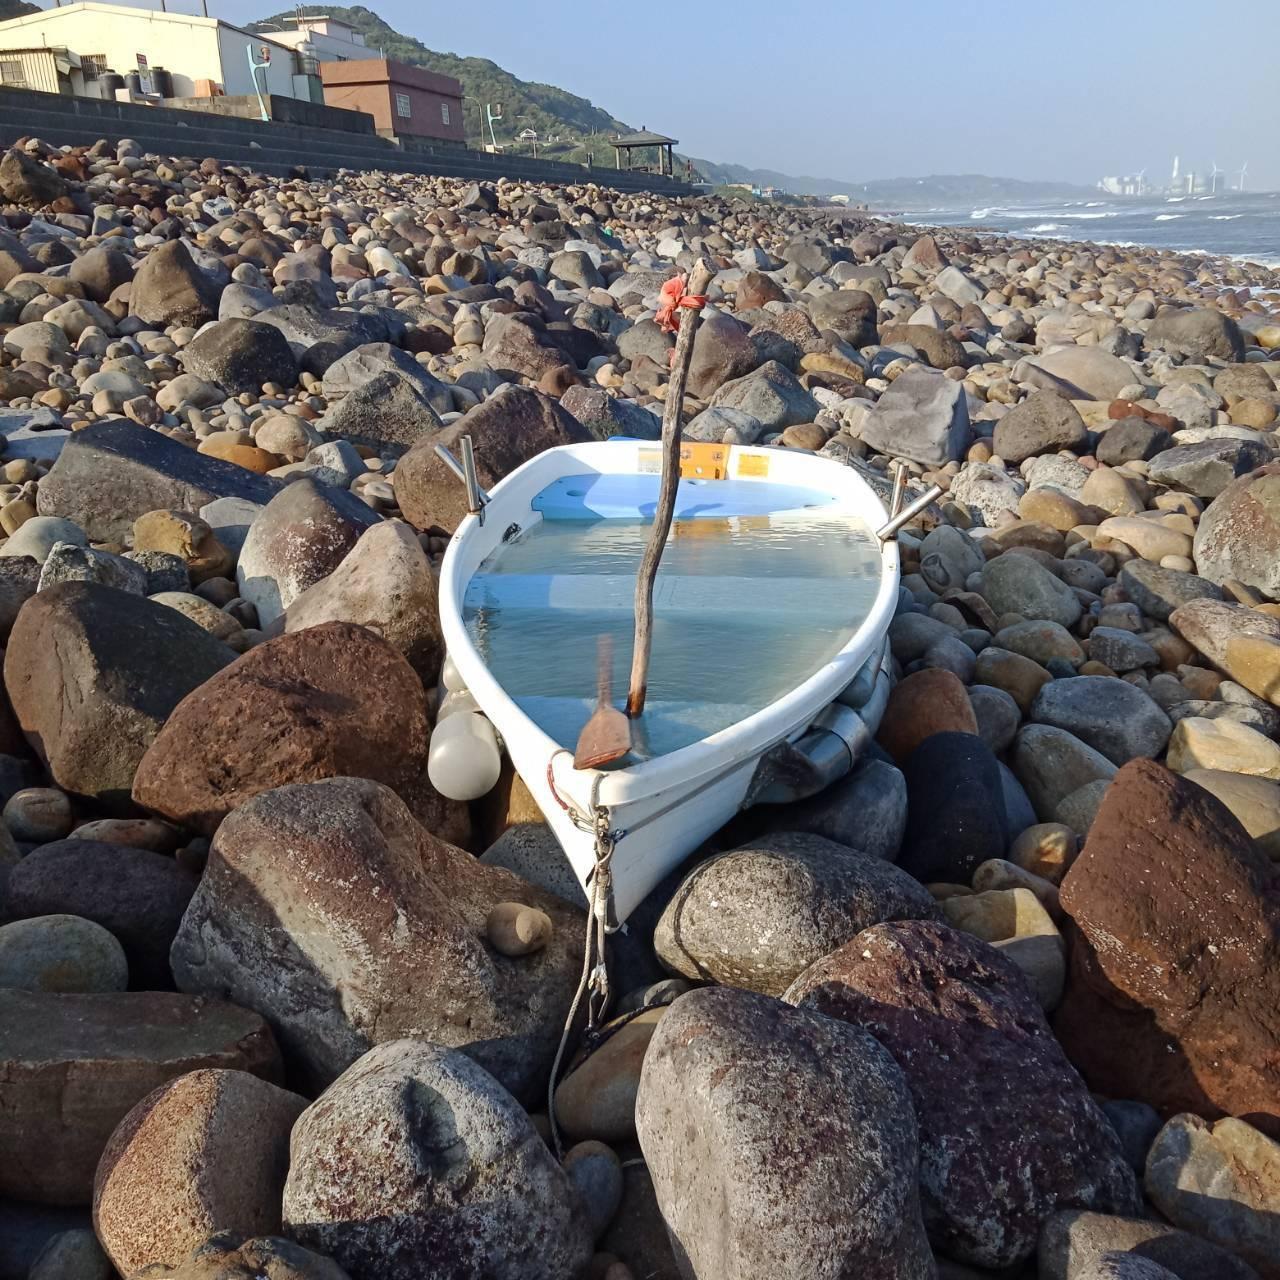 失事的無動力拼接小船被浪打上岸,木槳還在船上。圖/警方提供